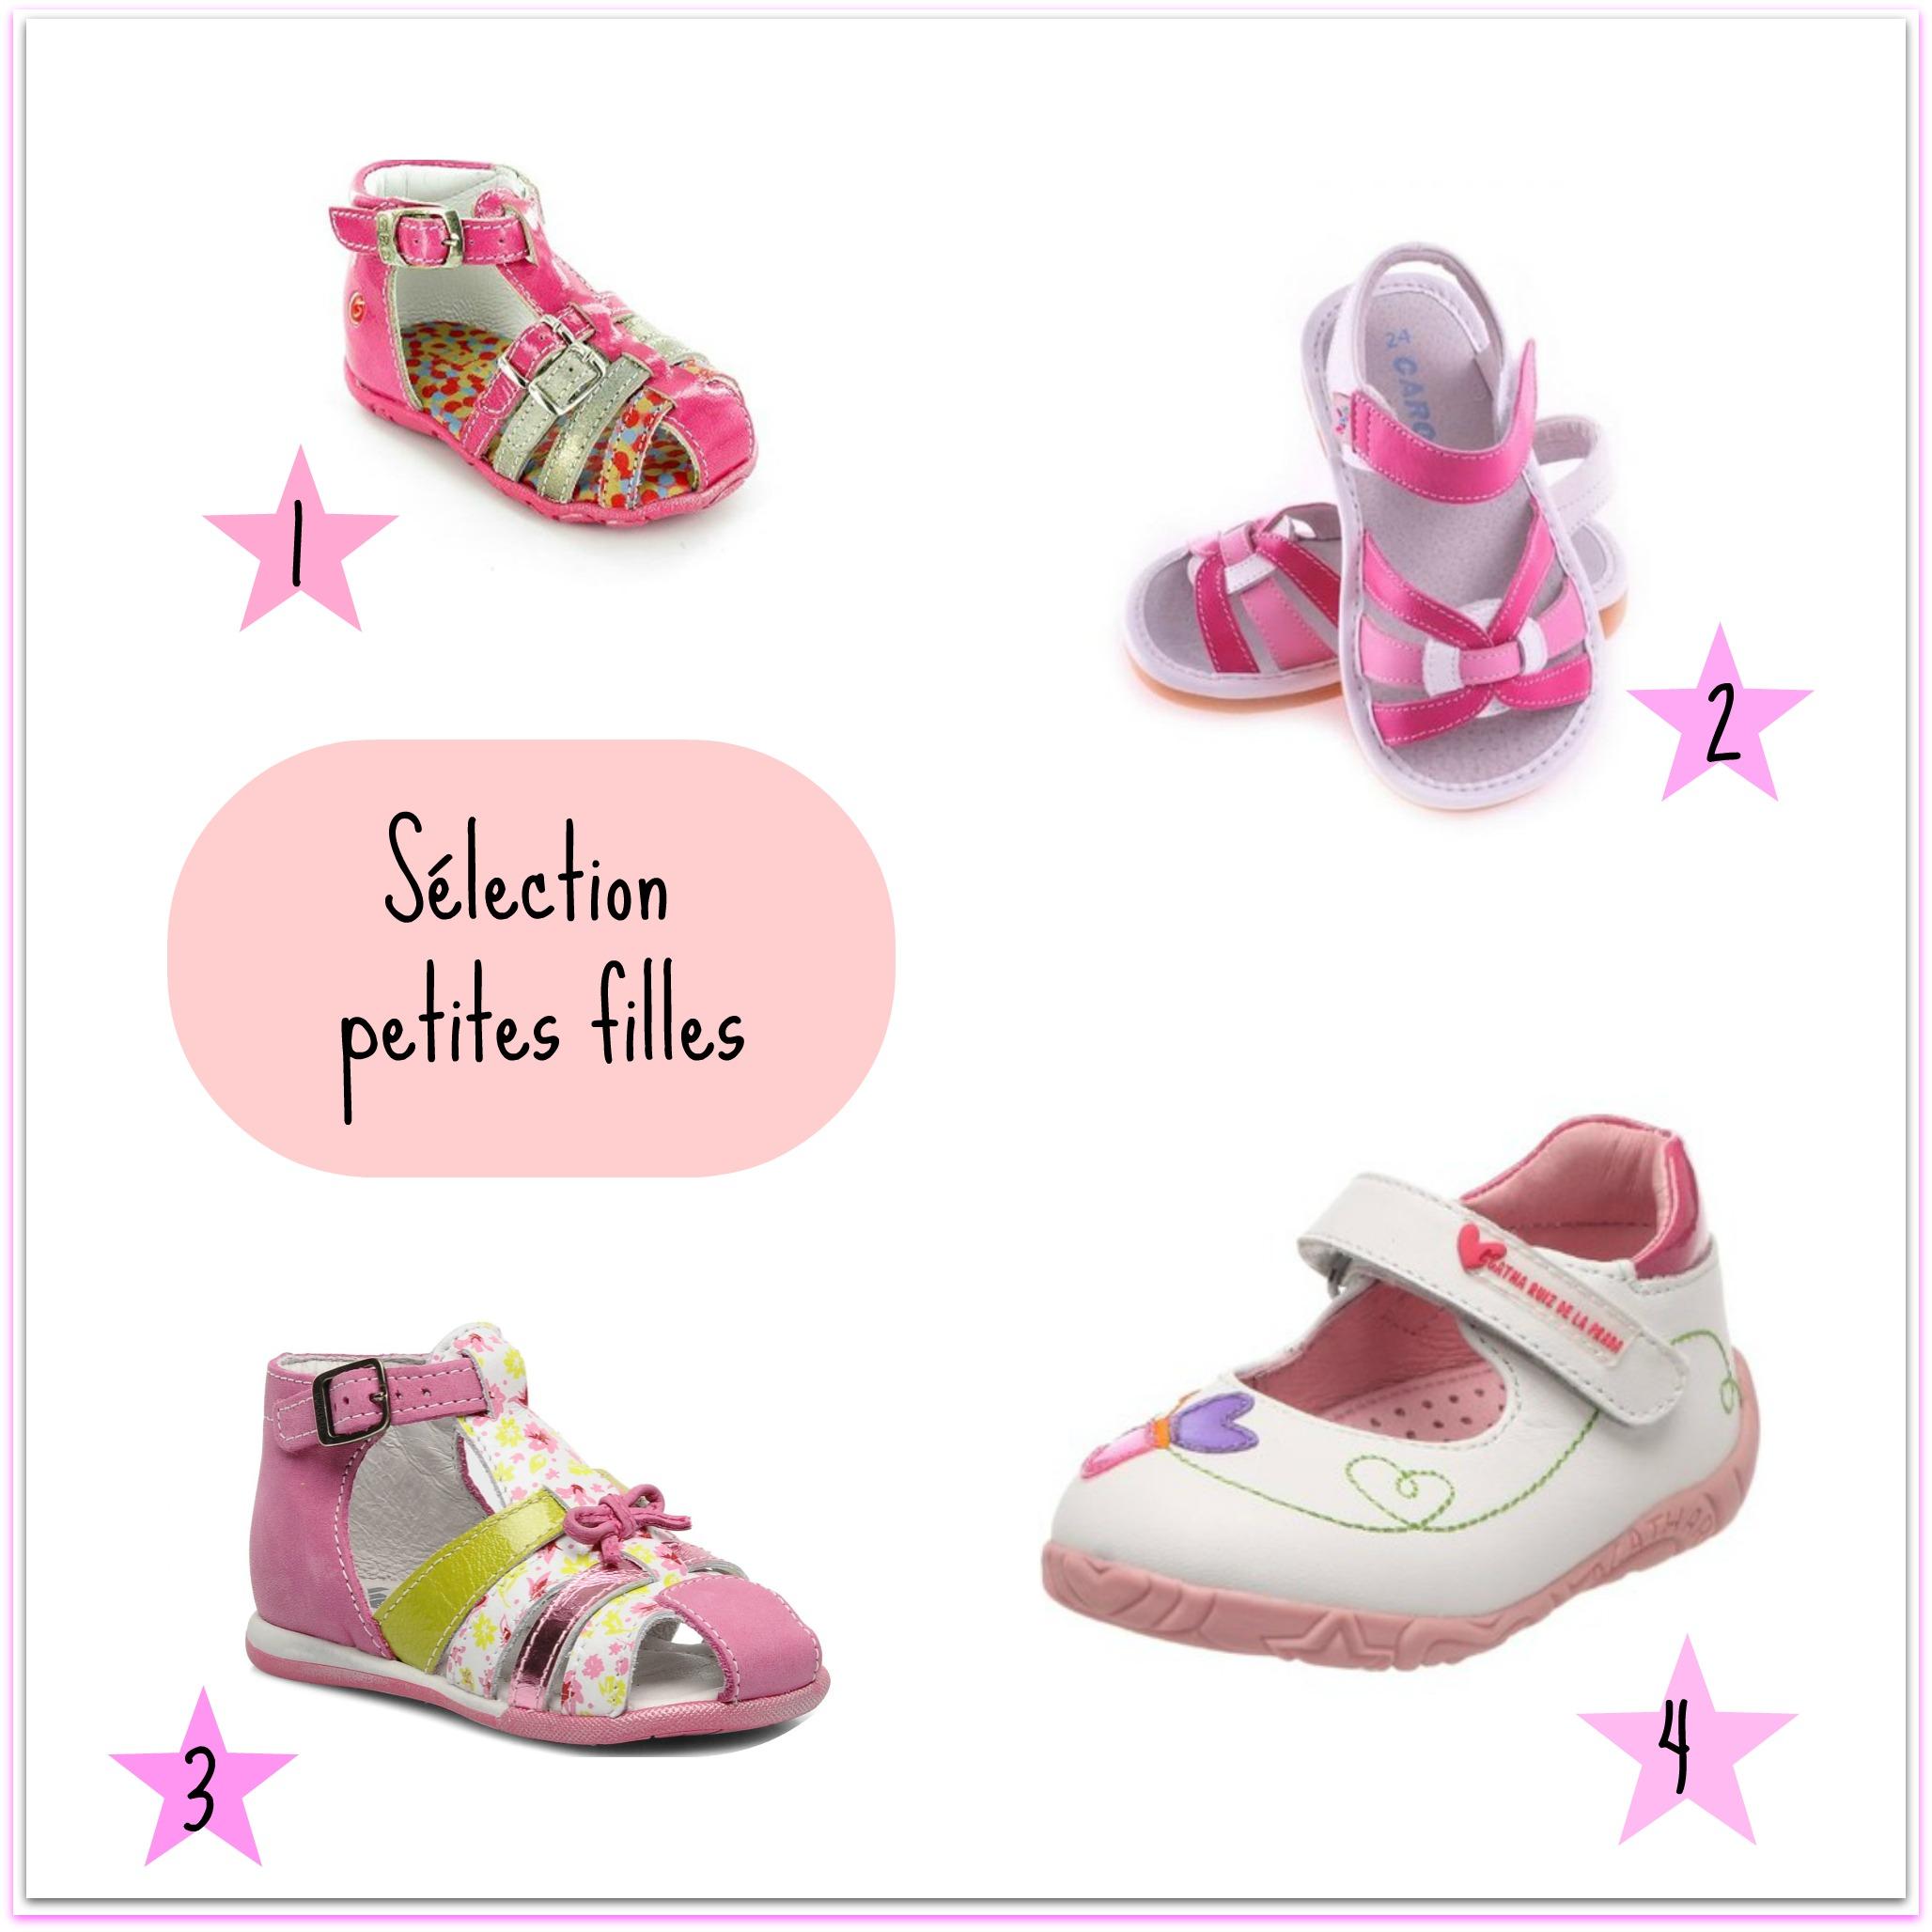 chaussures t enfants f elyli. Black Bedroom Furniture Sets. Home Design Ideas